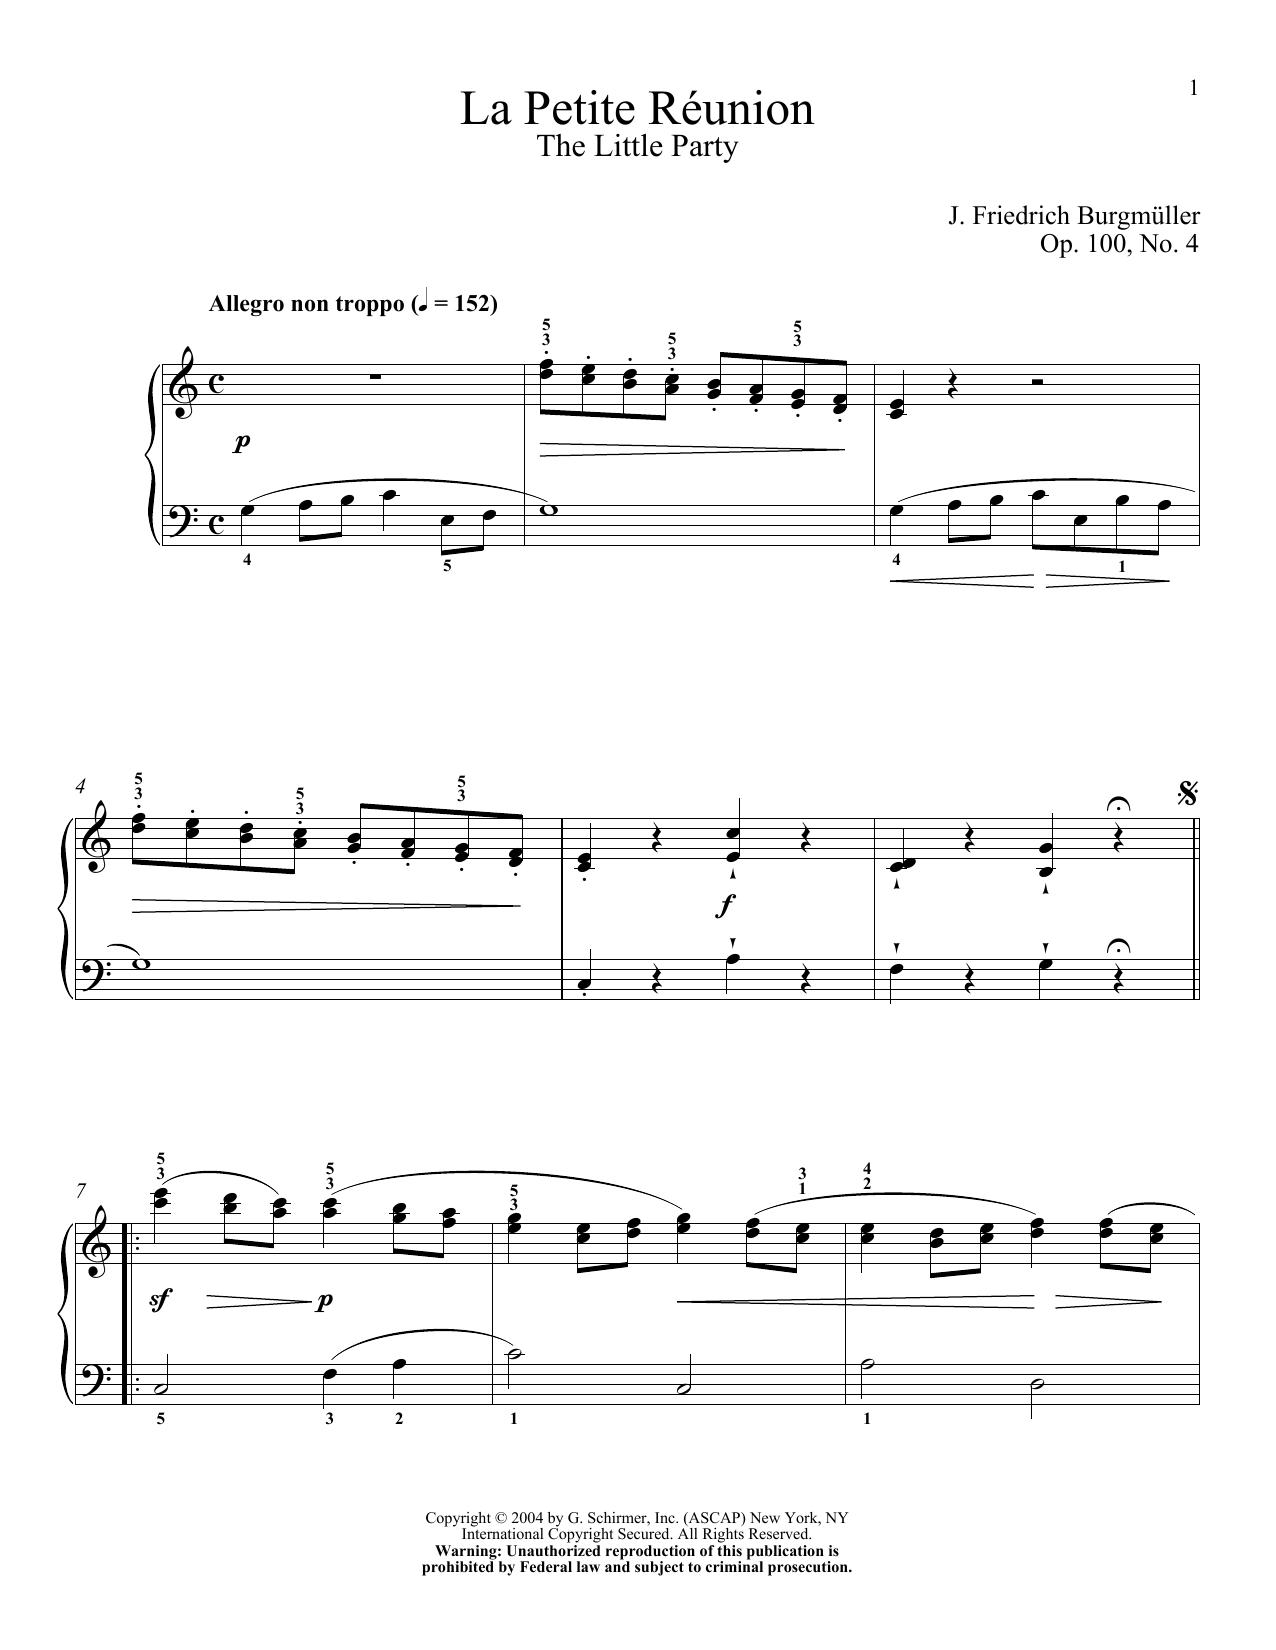 """The Little Party """"La Petite Reunion,"""" Op. 100, No. 4 Sheet Music"""